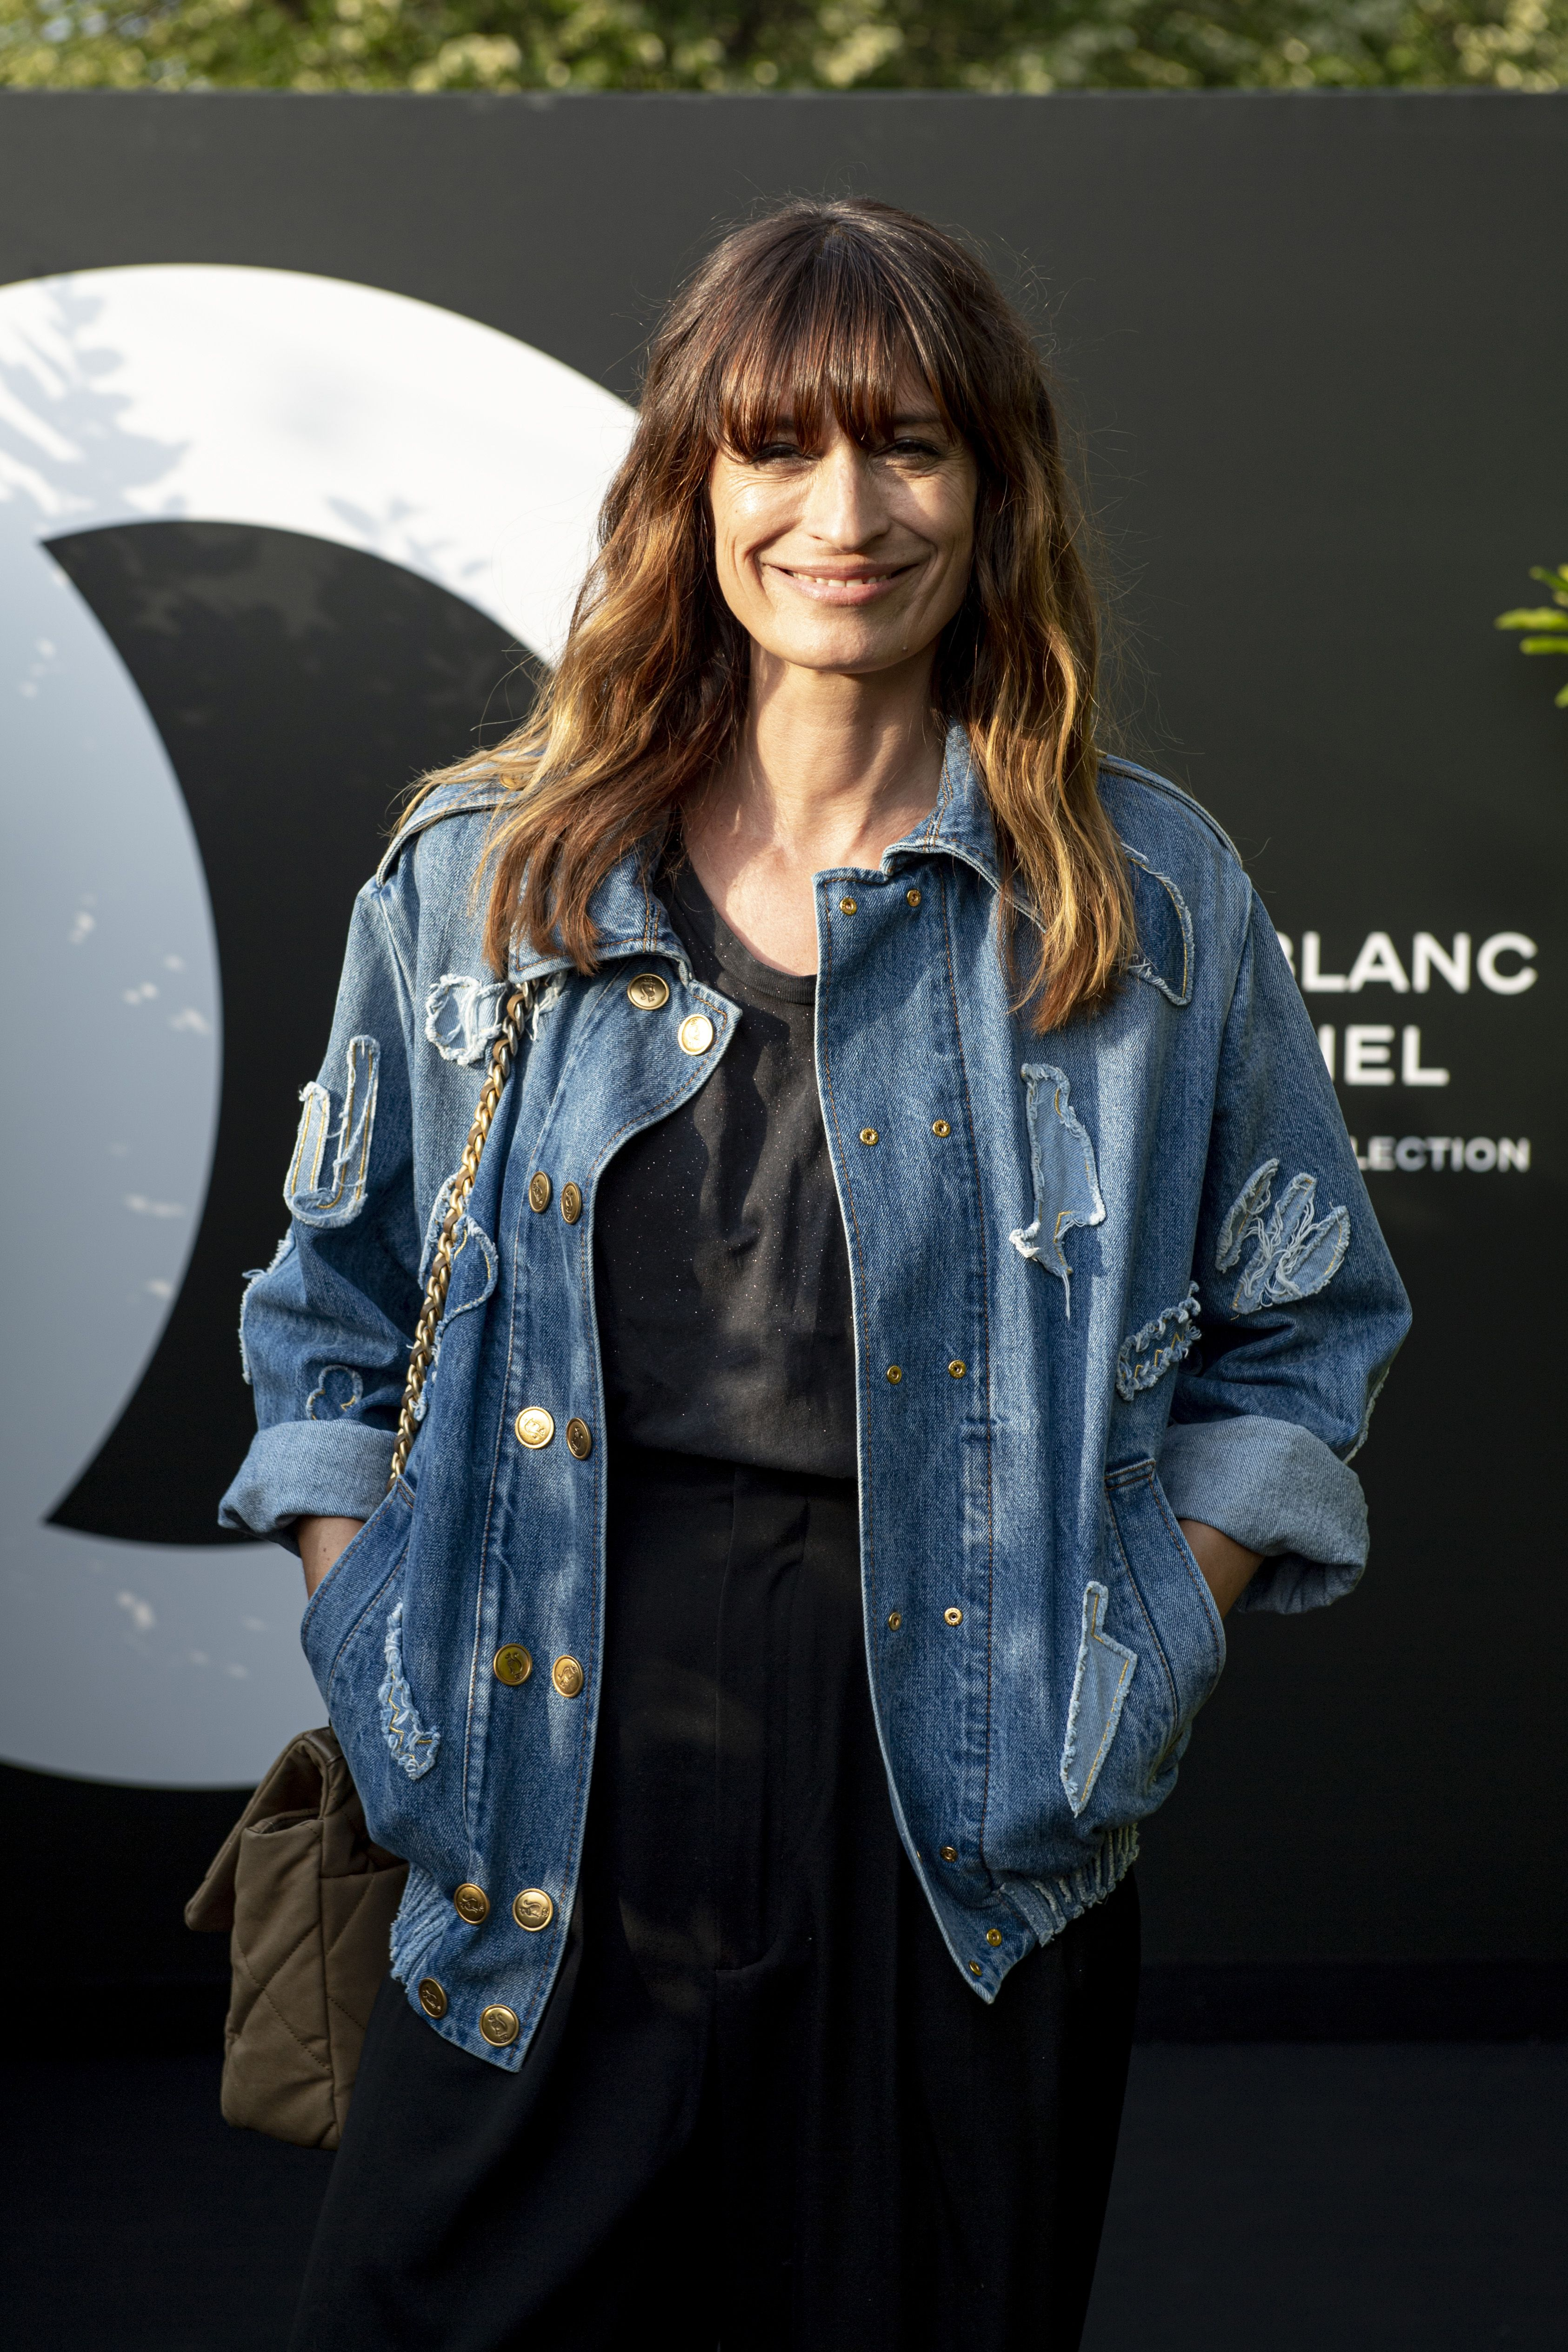 Giacca moda 2019: i modelli di jeans tendenza Autunno 2019